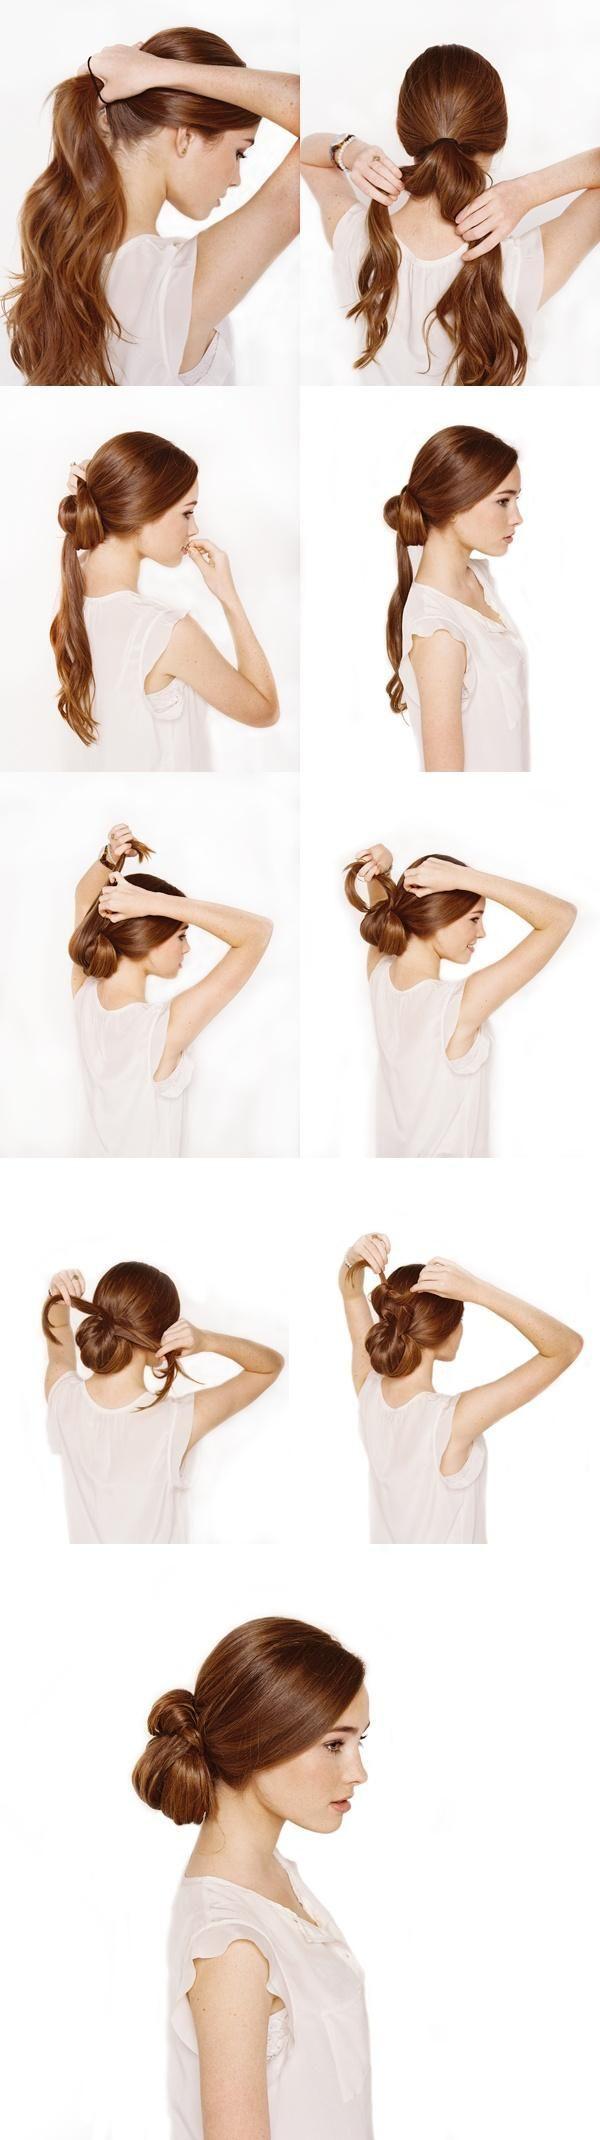 Idée pour se coiffer un joli tuto coiffure chignon nœud pour les cheveux longs et mi longs, réaliser cette belle coiffure en photo une coiffure de mariage.